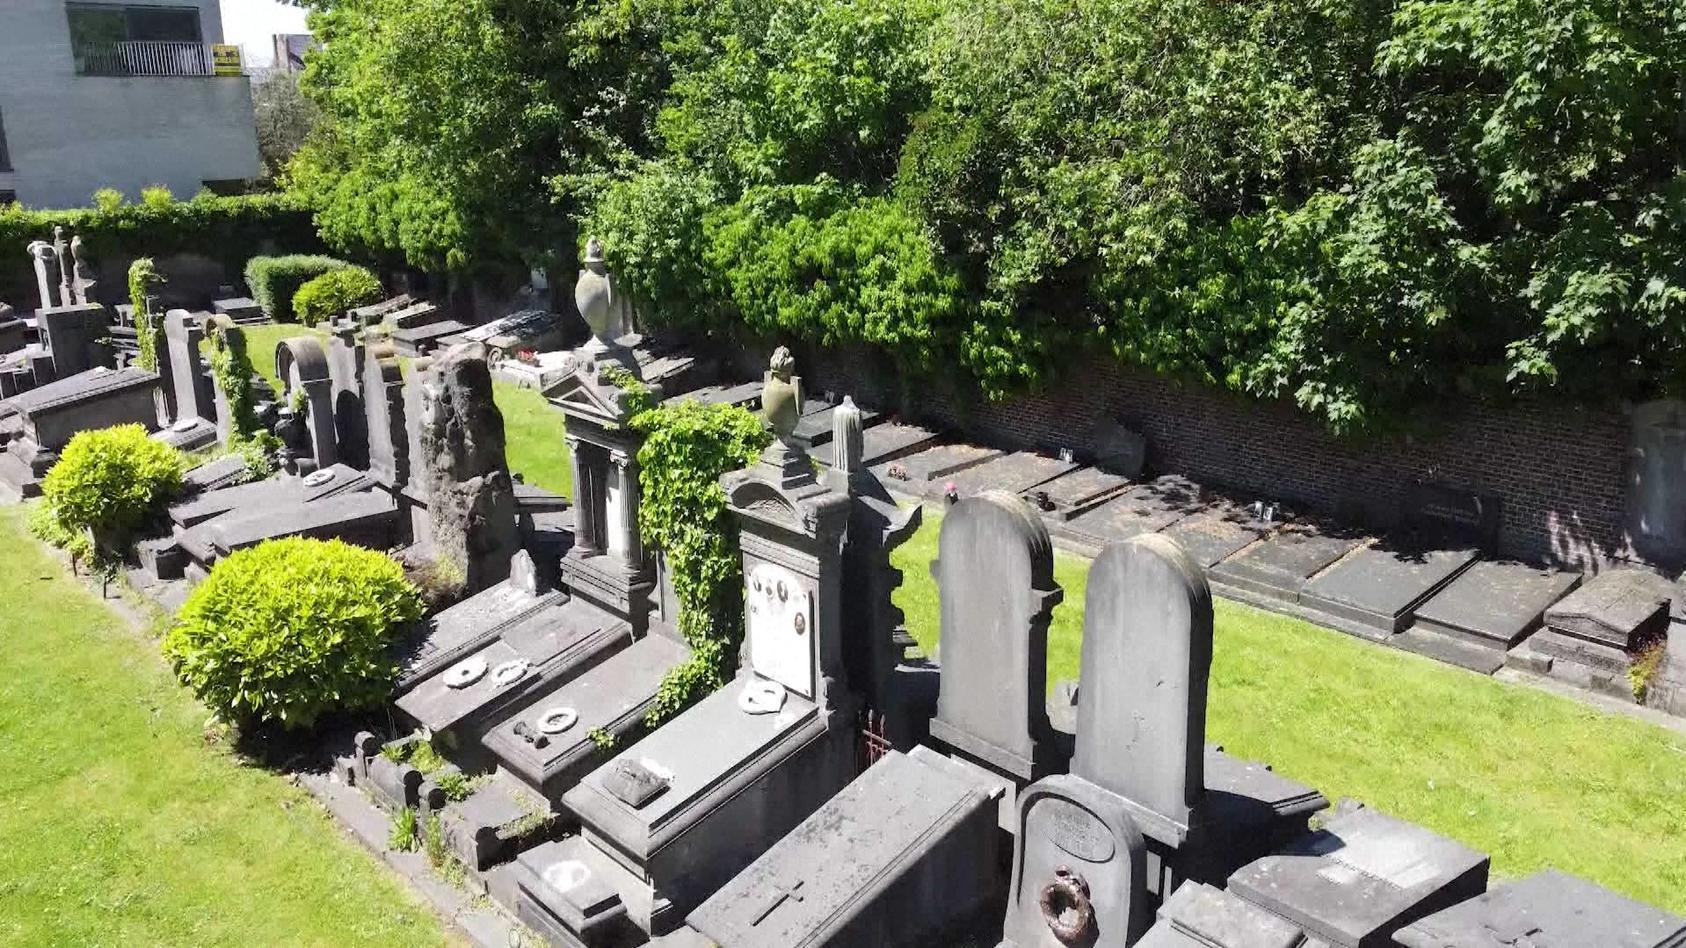 Auf dem Westerbegraafplaats Friedhof in Gent (Belgien) ist eine 14-Jährige Opfer einer Gruppenvergewaltigung geworden.